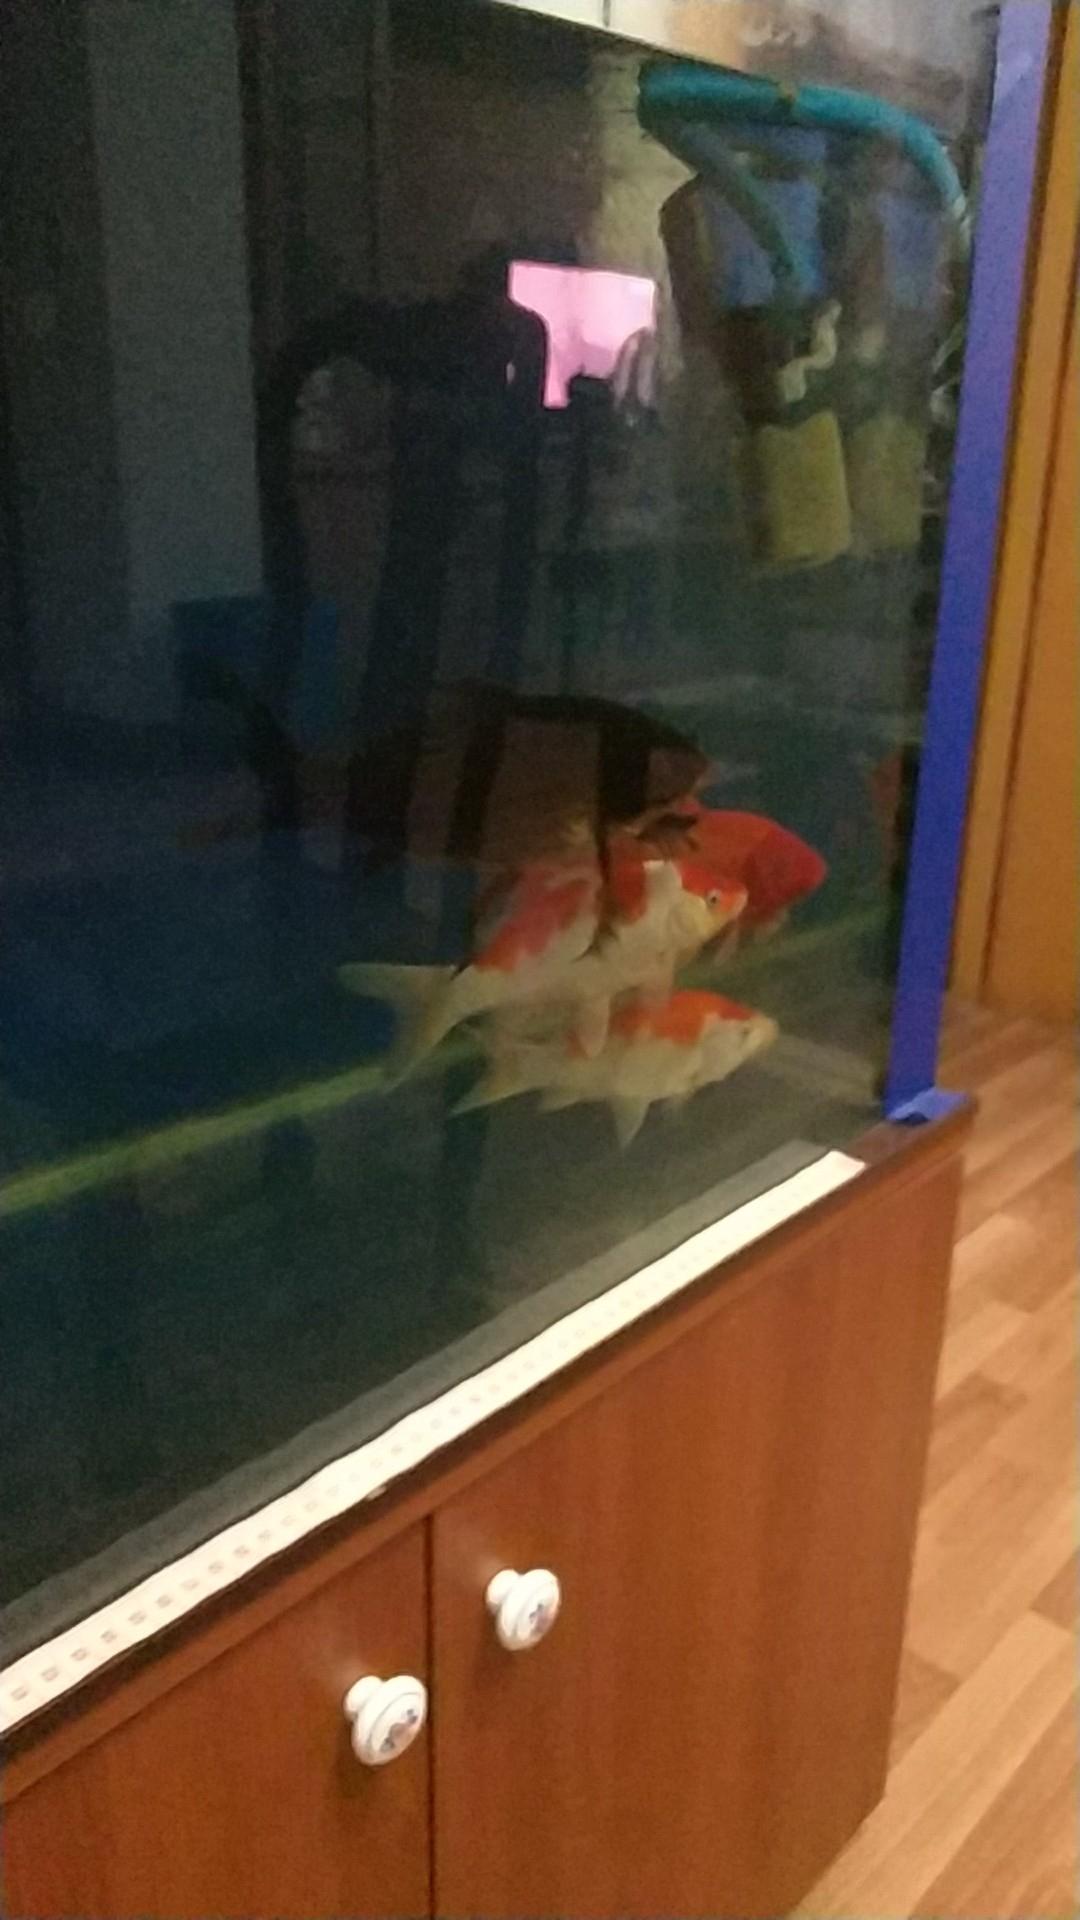 【西安白子魟鱼】灯一直开着吗锦鲤 西安观赏鱼信息 西安博特第2张